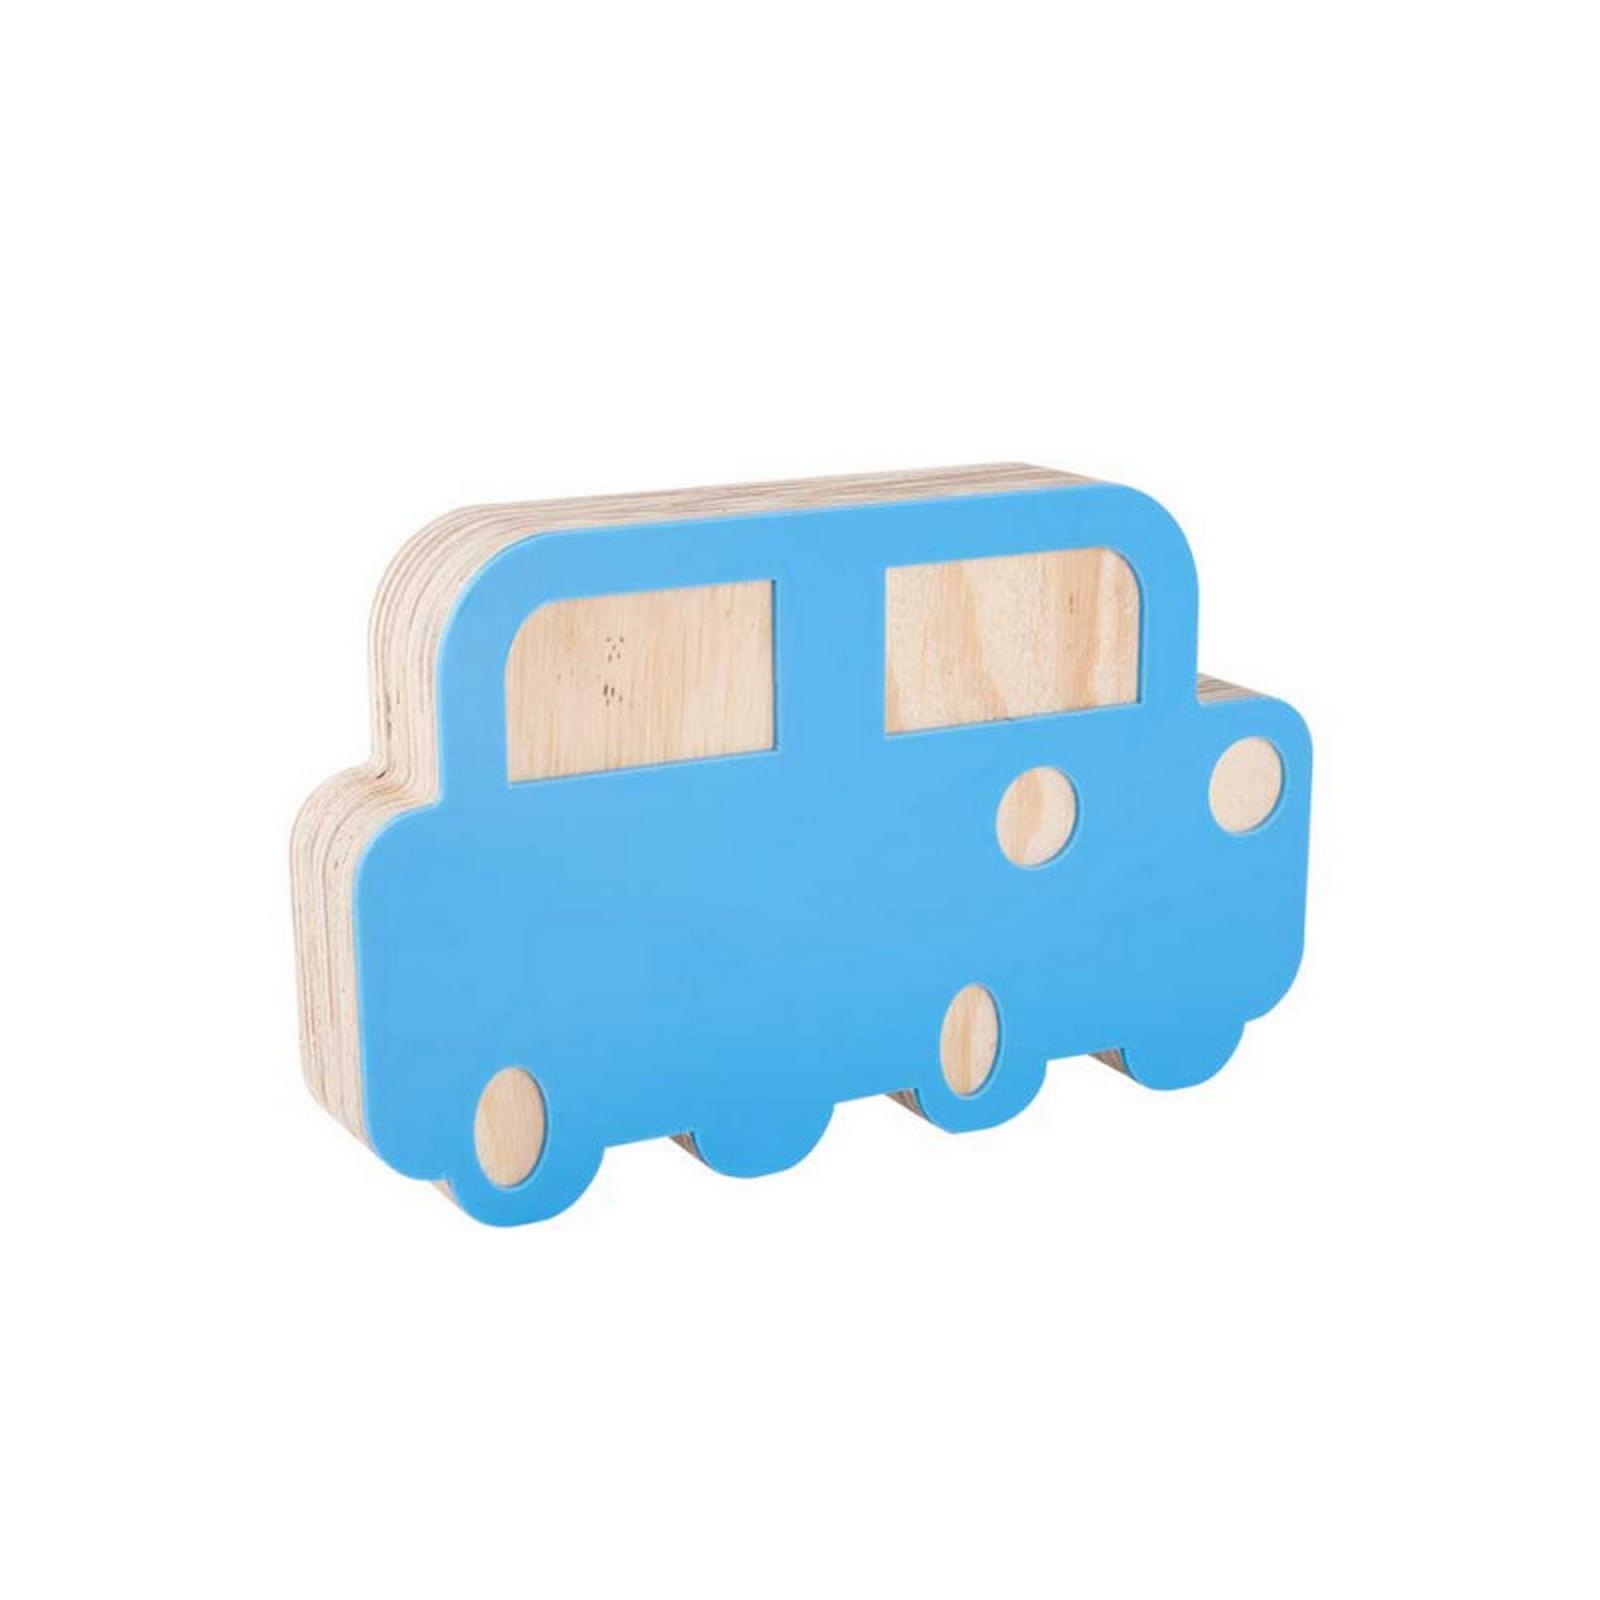 Adorno Acrílico Carro Azul